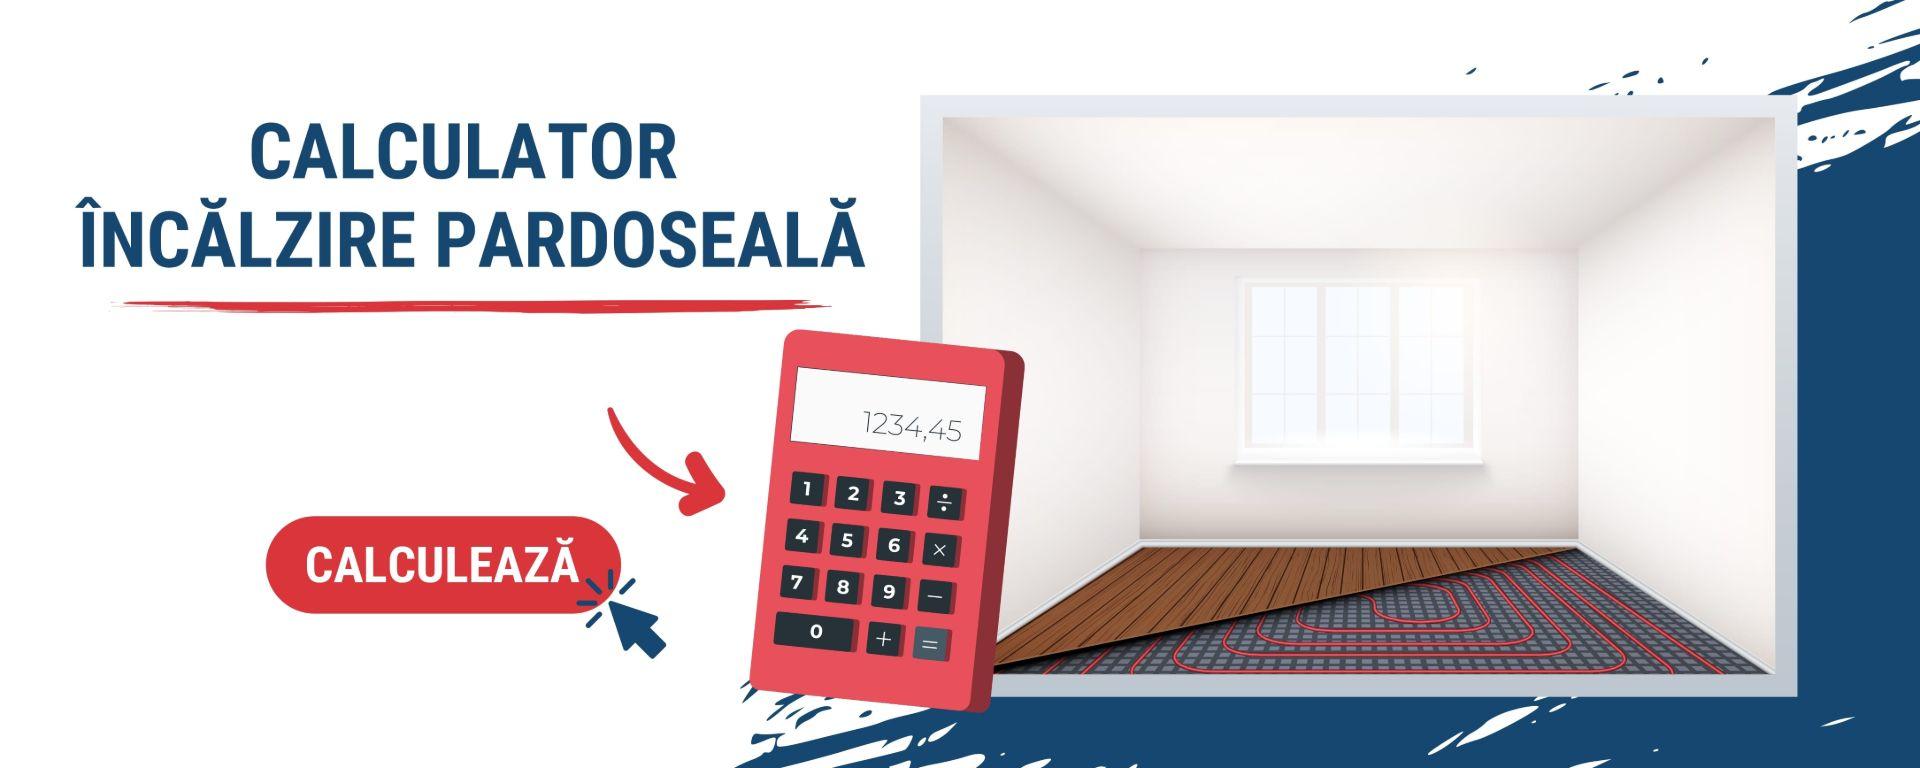 Calculator Incalzire Pardoseala